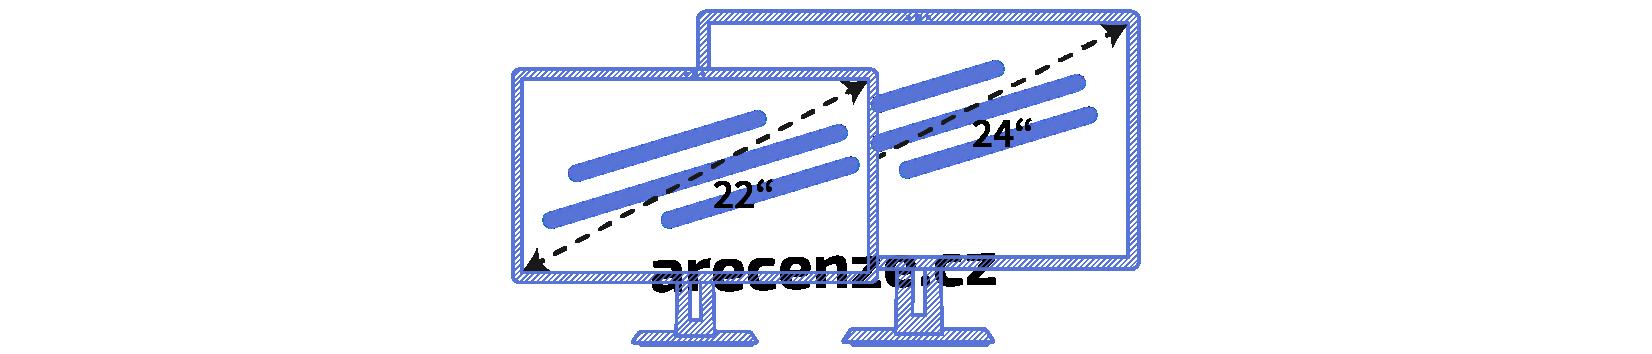 Najčastejšie veľkosti uhlopriečok monitorov